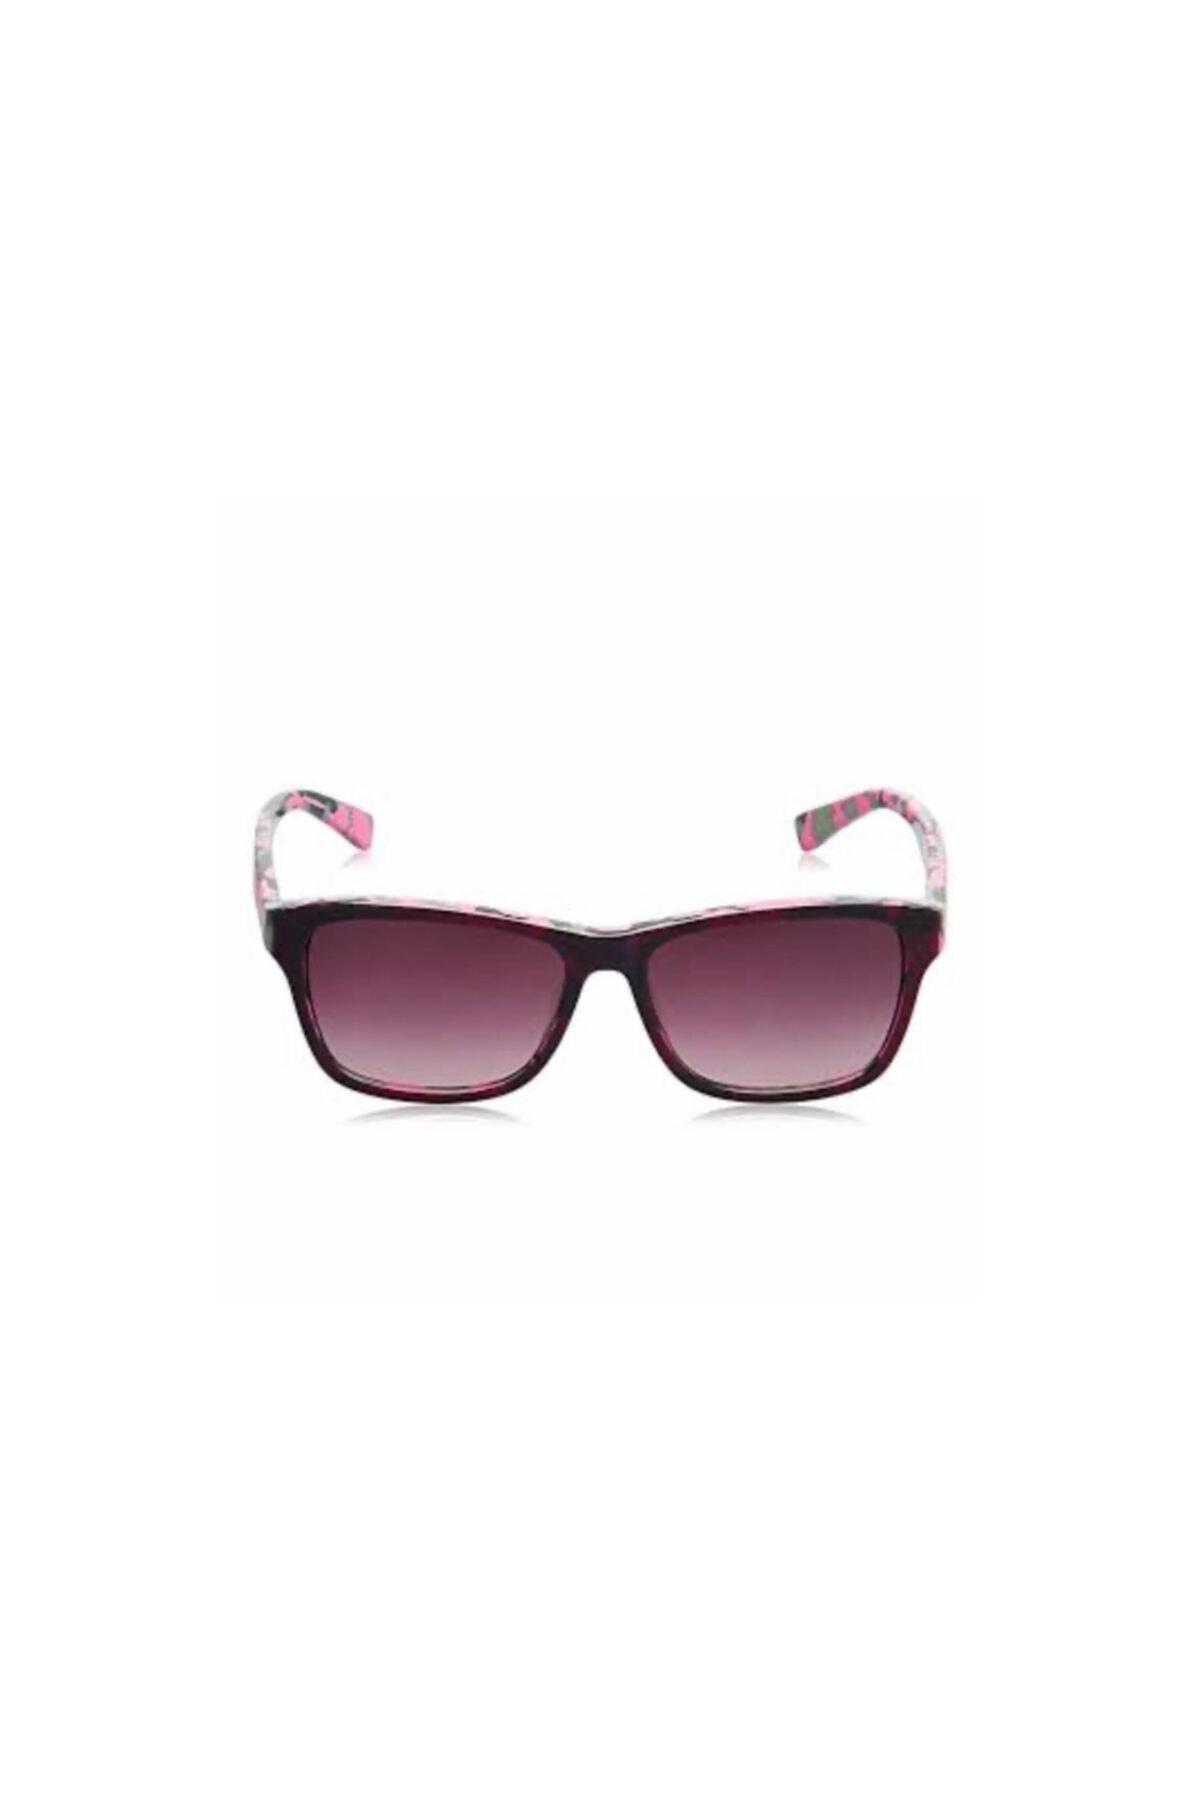 Lacoste Unisex Güneş Gözlüğü 2